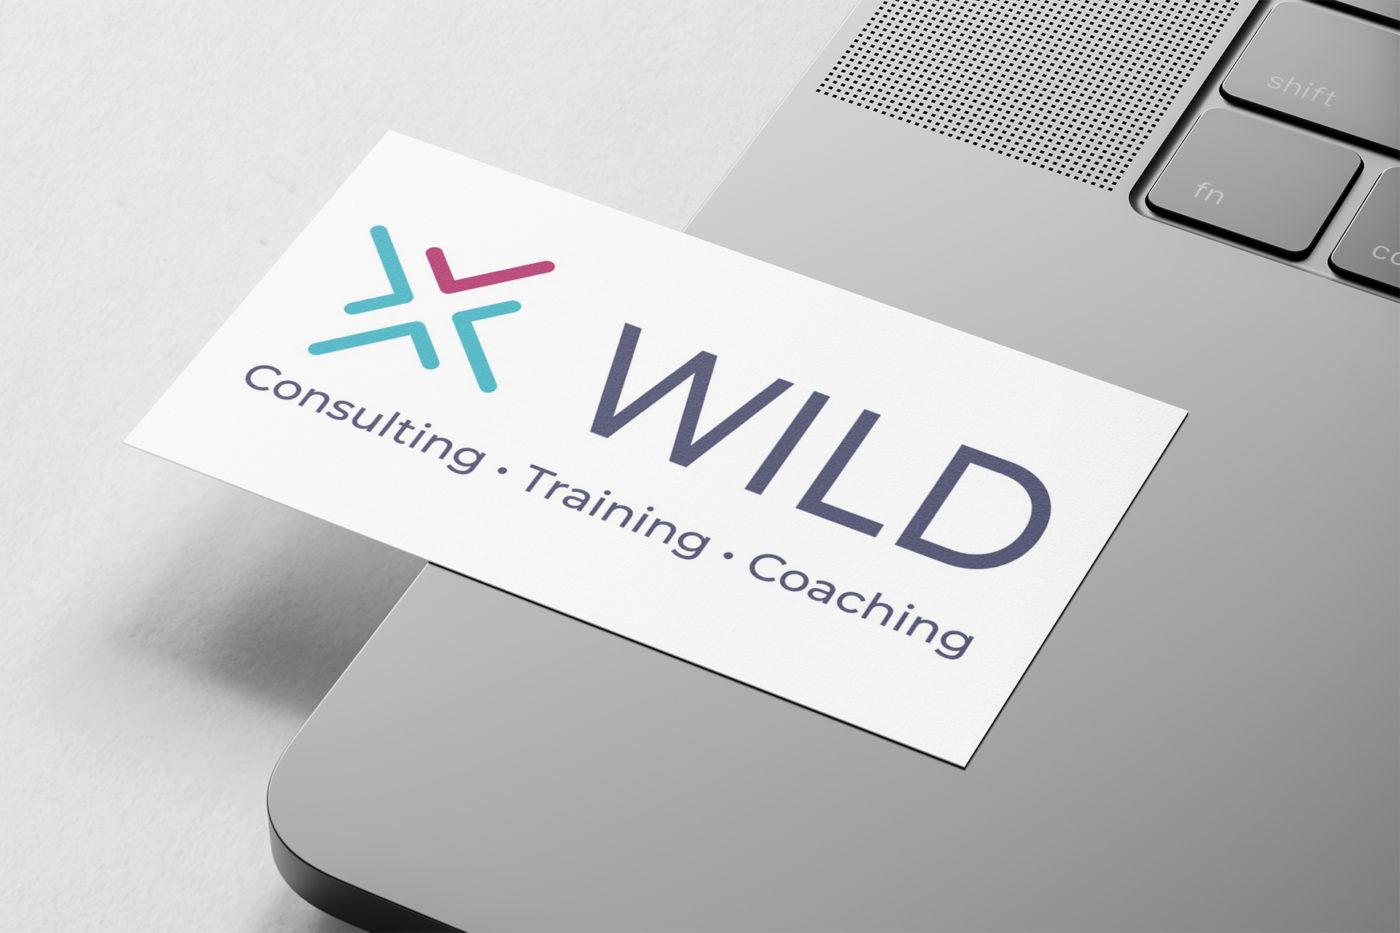 Neuer Markenauftritt für Wild Consulting